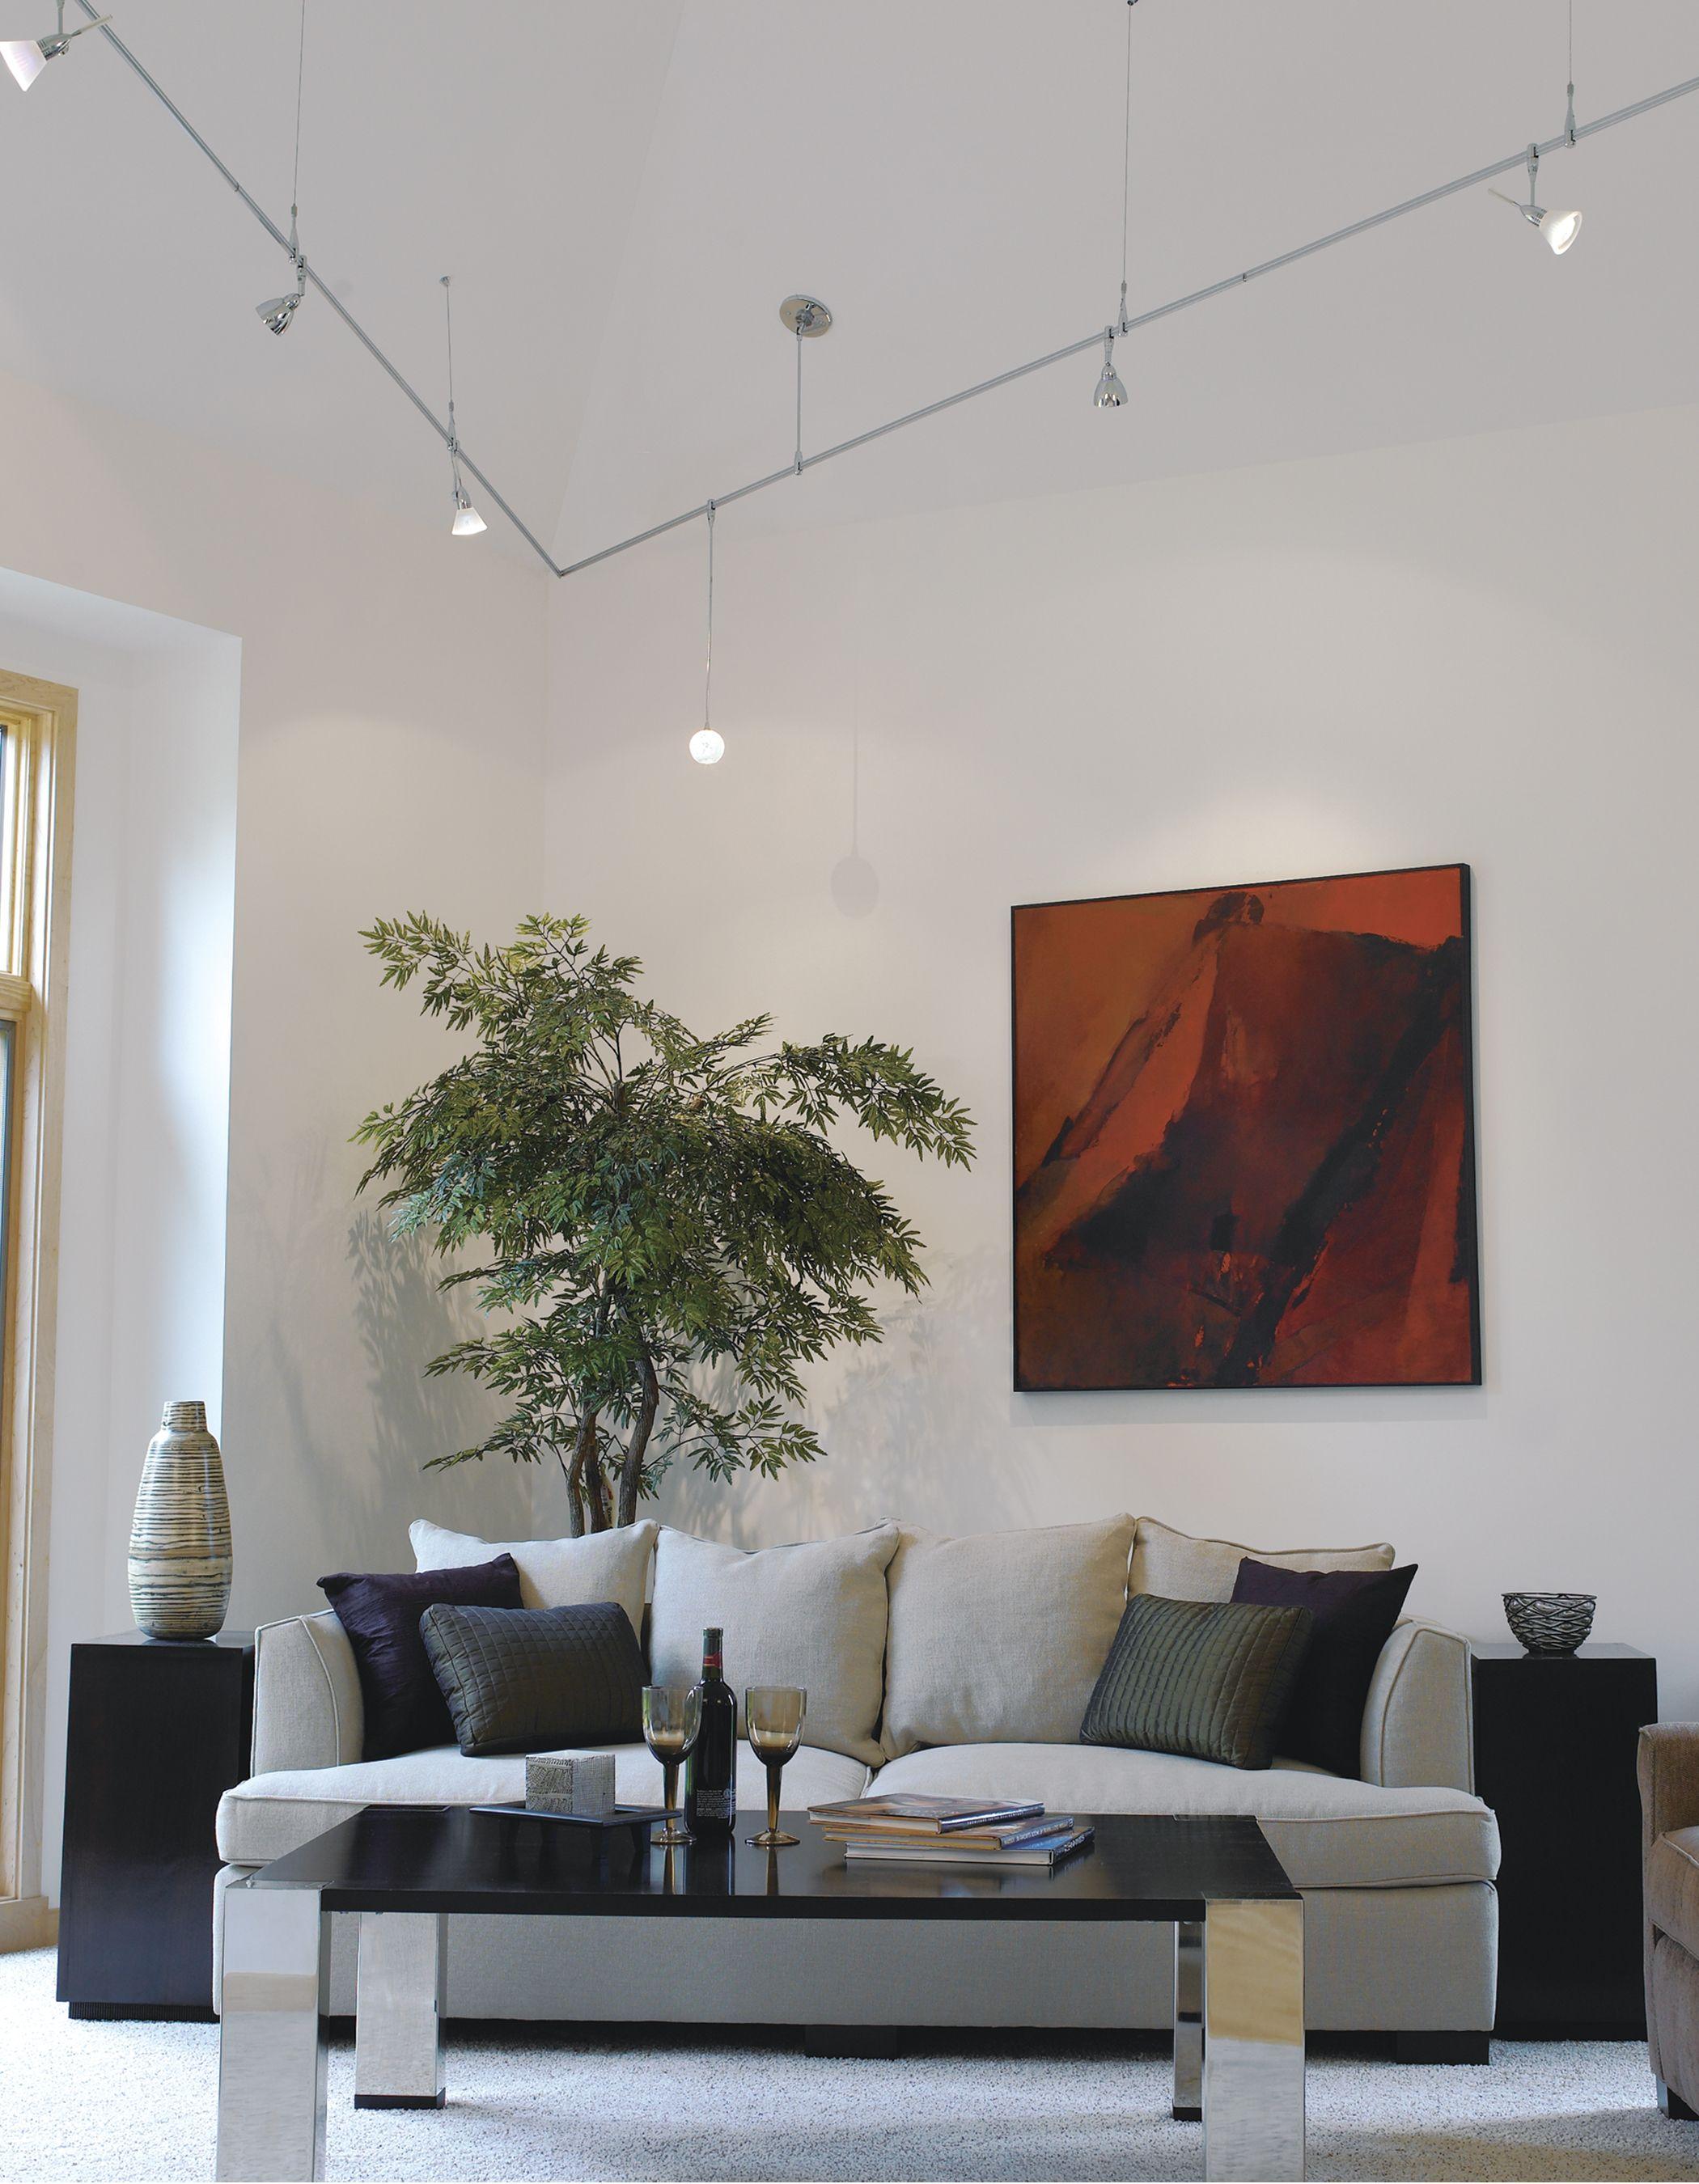 Living Room Lighting Guide Living room lighting design